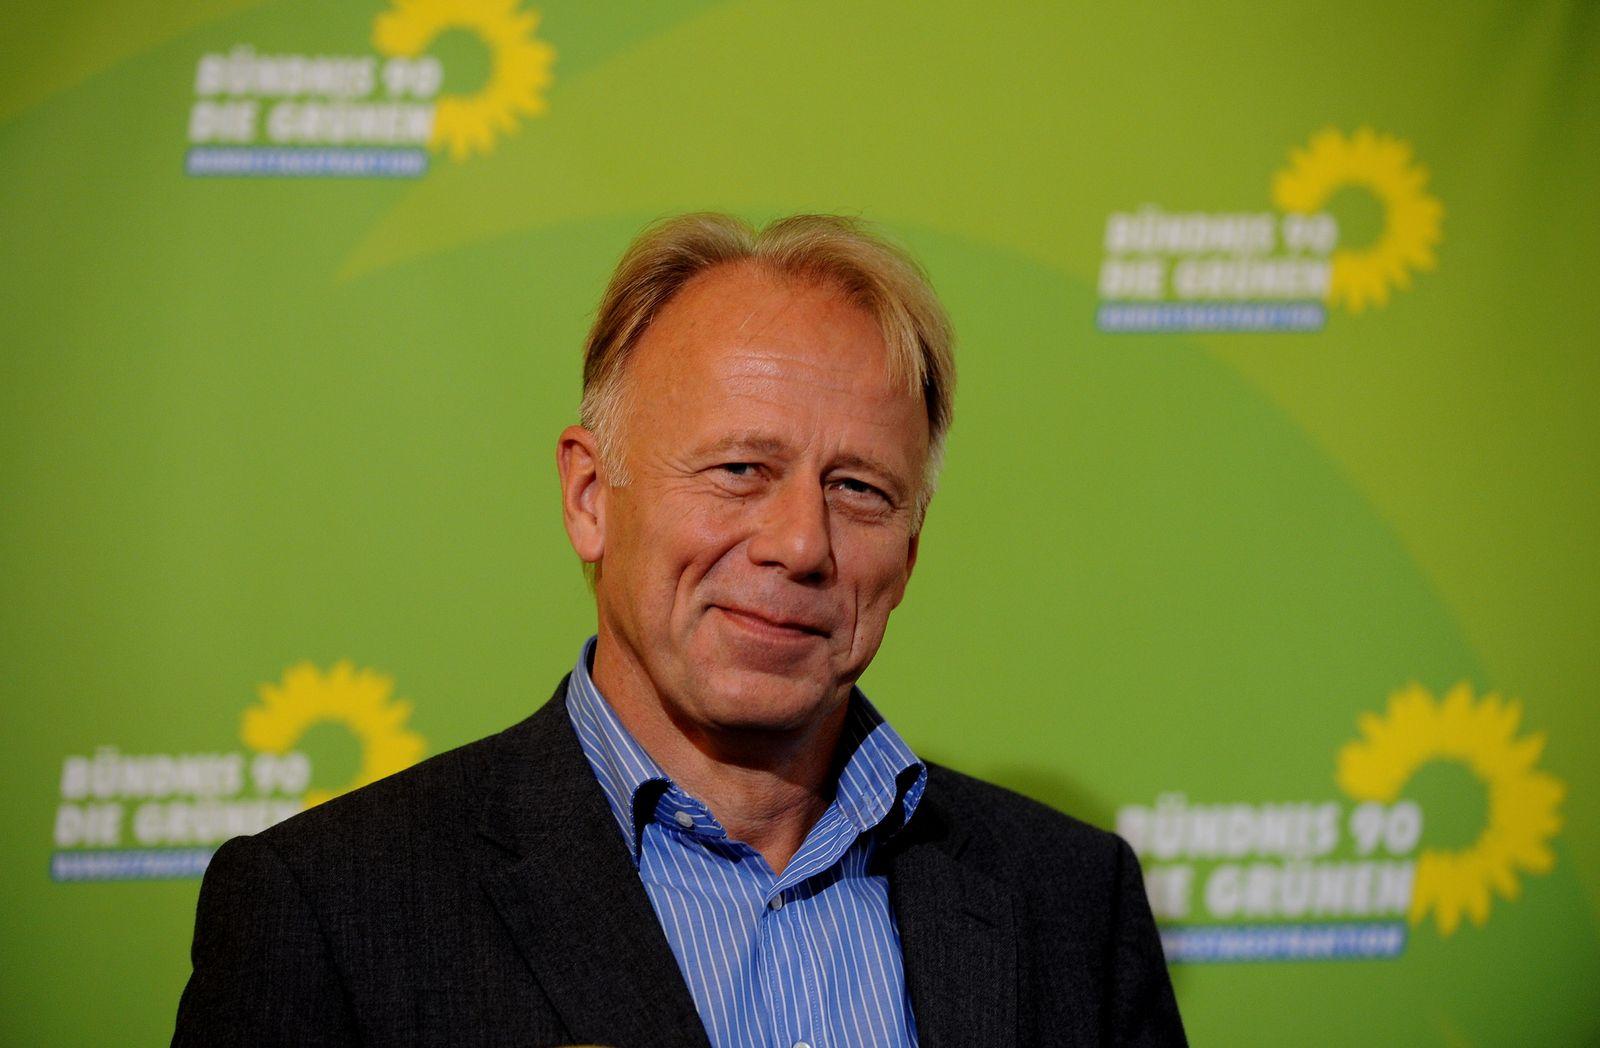 NICHT VERWENDEN Jürgen Trittin